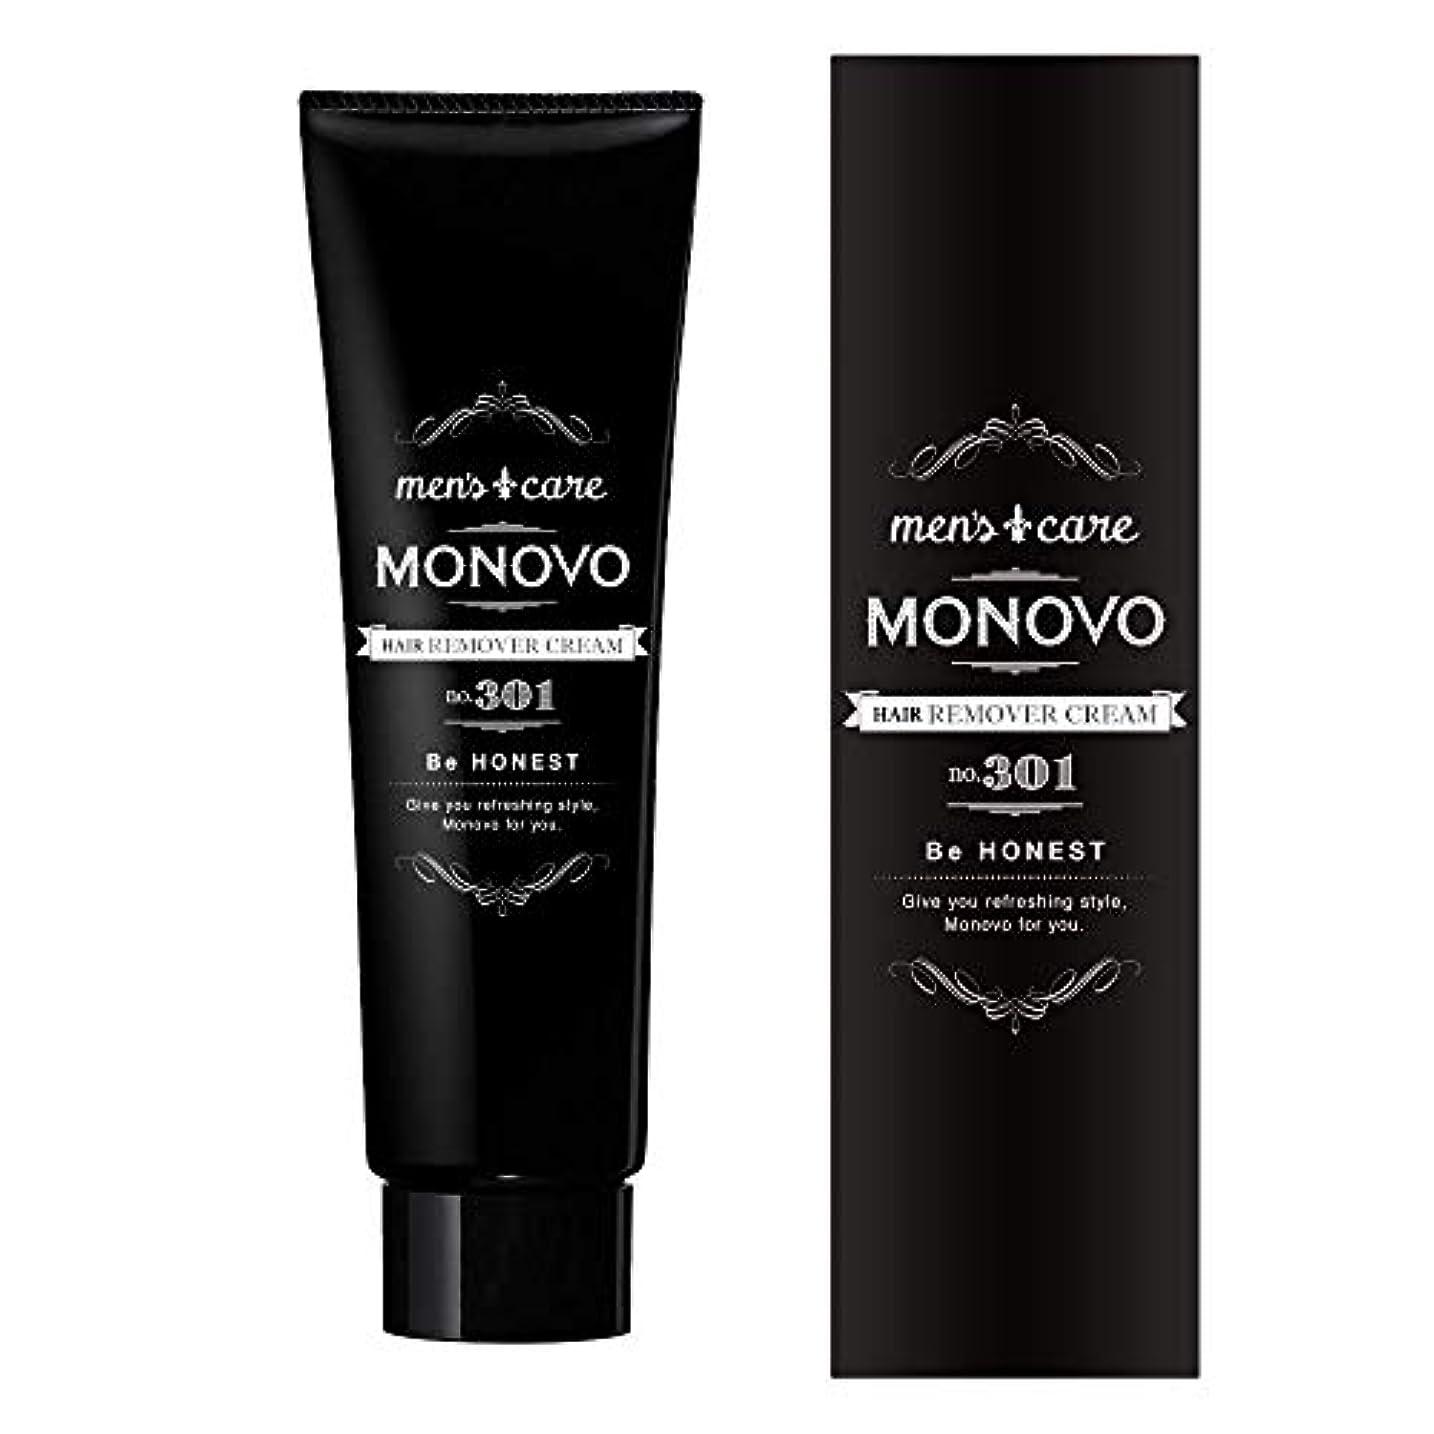 なので贅沢な偶然の医薬部外品 メンズ 除毛クリーム MONOVO ヘアリムーバークリーム 1本 140g [男性用ムダ毛ケア]